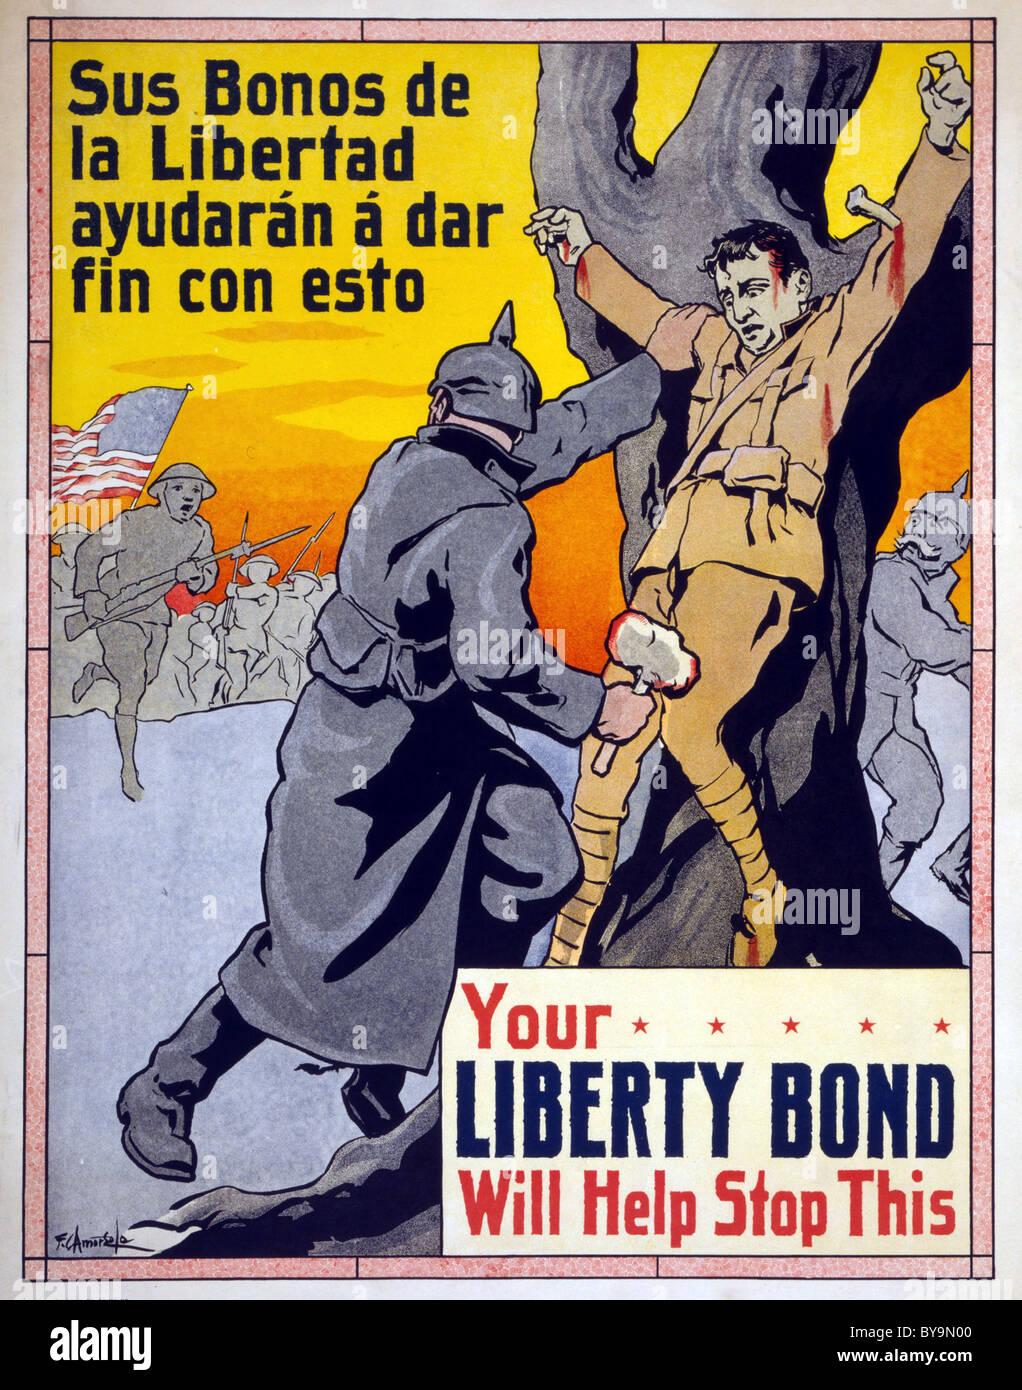 Votre liberté BOND VOUS AIDERA À ARRÊTER CETTE - US 1917 affiche en anglais et en espagnol Photo Stock